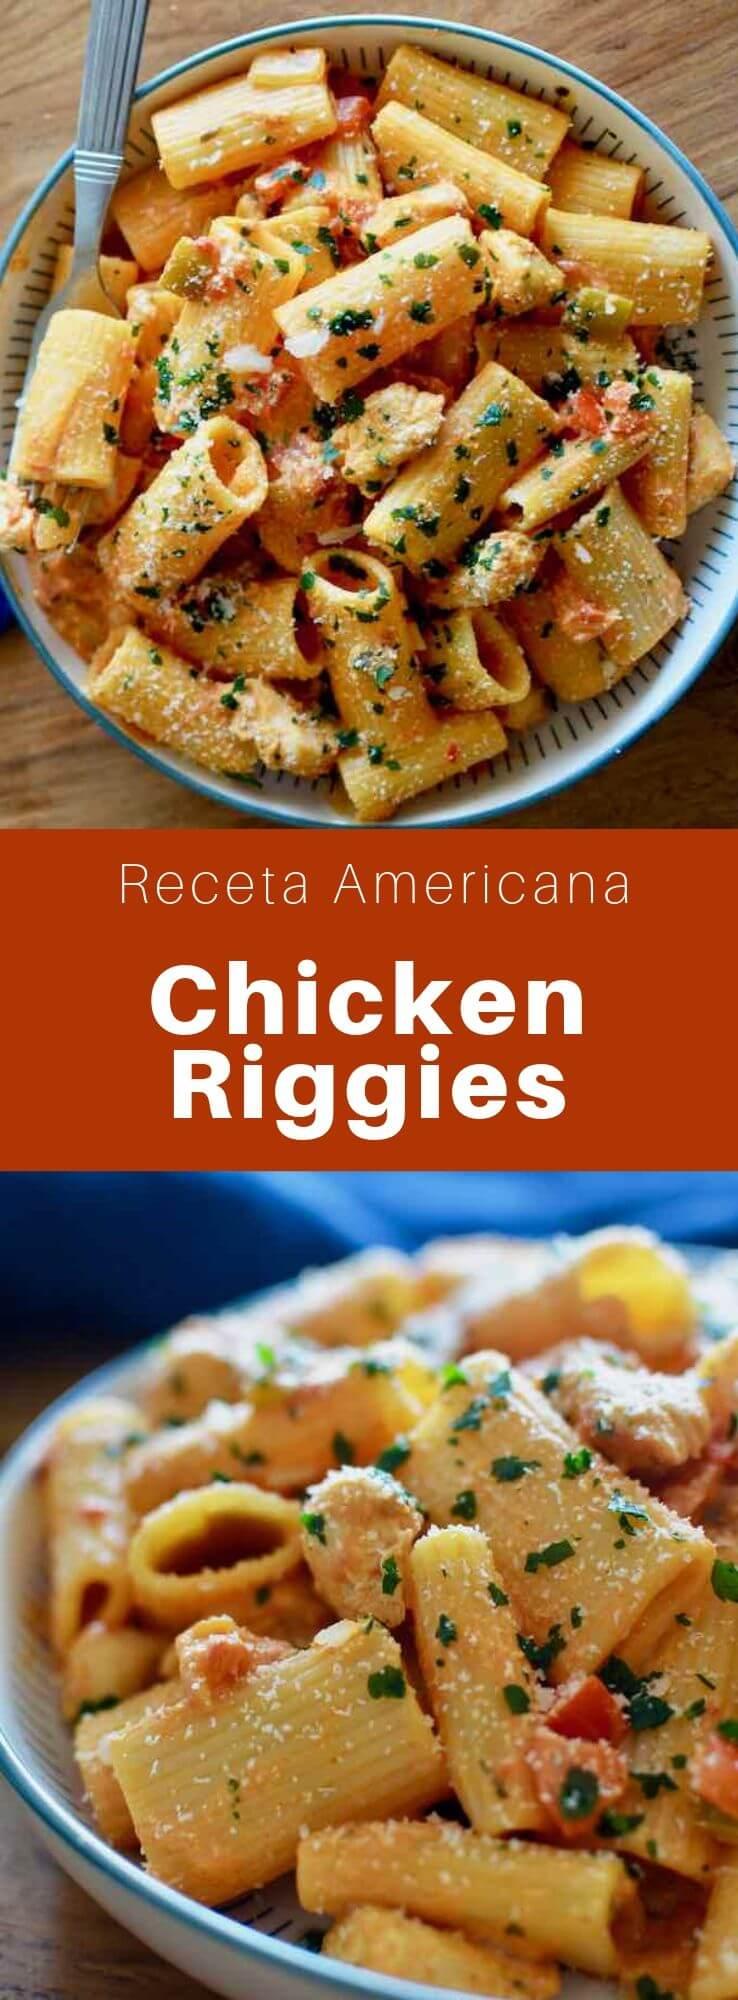 El chicken riggies (o Utica riggies) es un plato picante italiano-estadounidense que contiene pasta rigatoni y pollo con una salsa cremosa de tomate y que es muy popular en el estado de Nueva York.